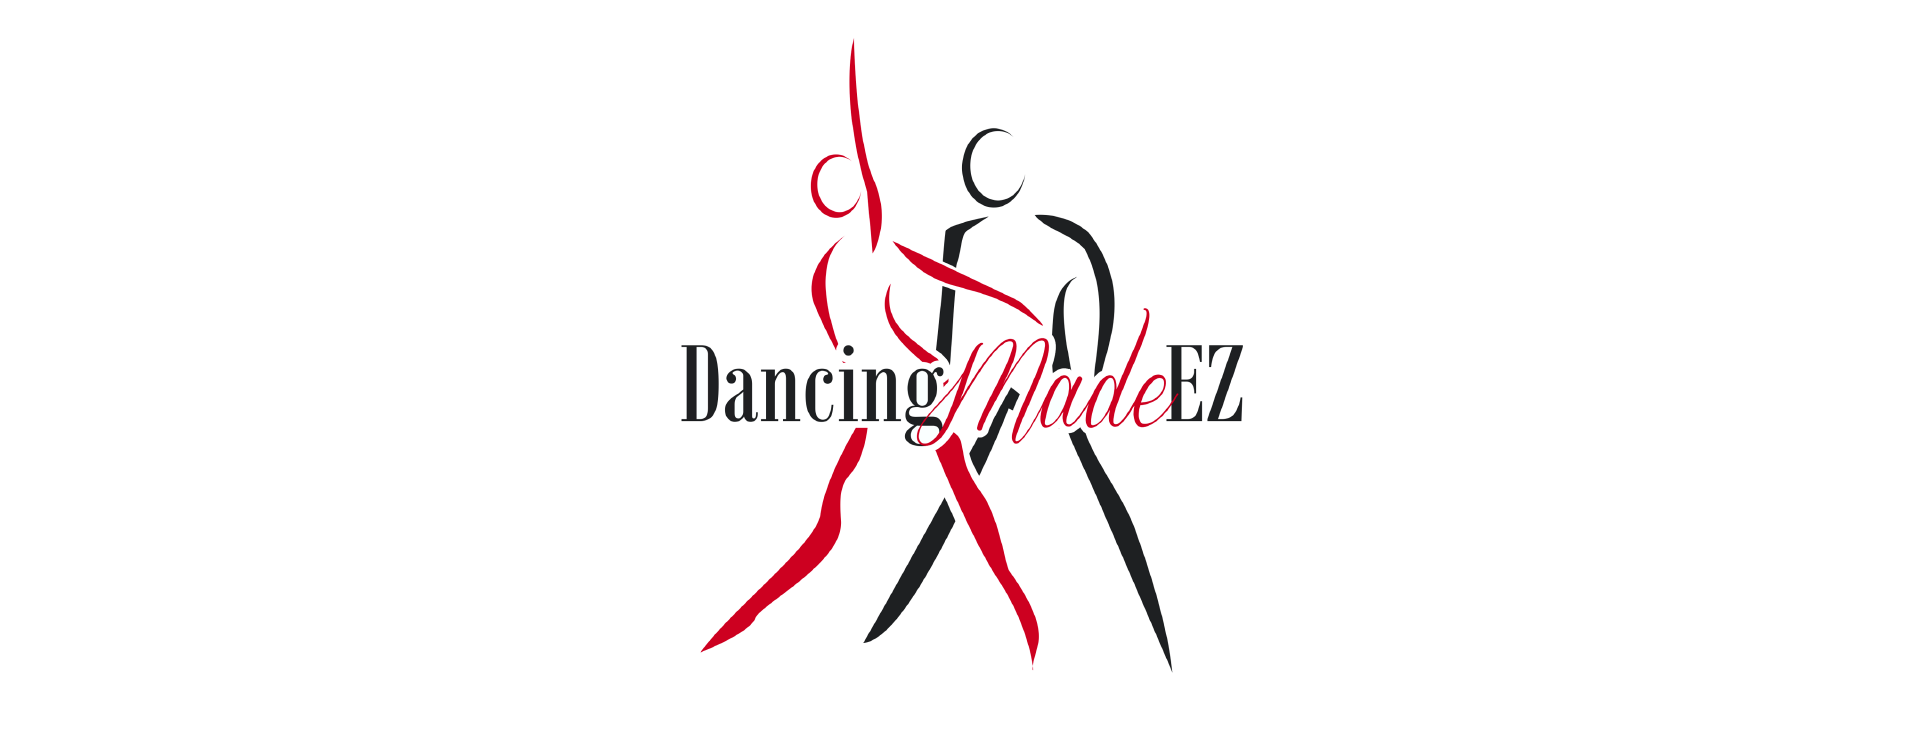 DancingMadeEZsquarespace.png